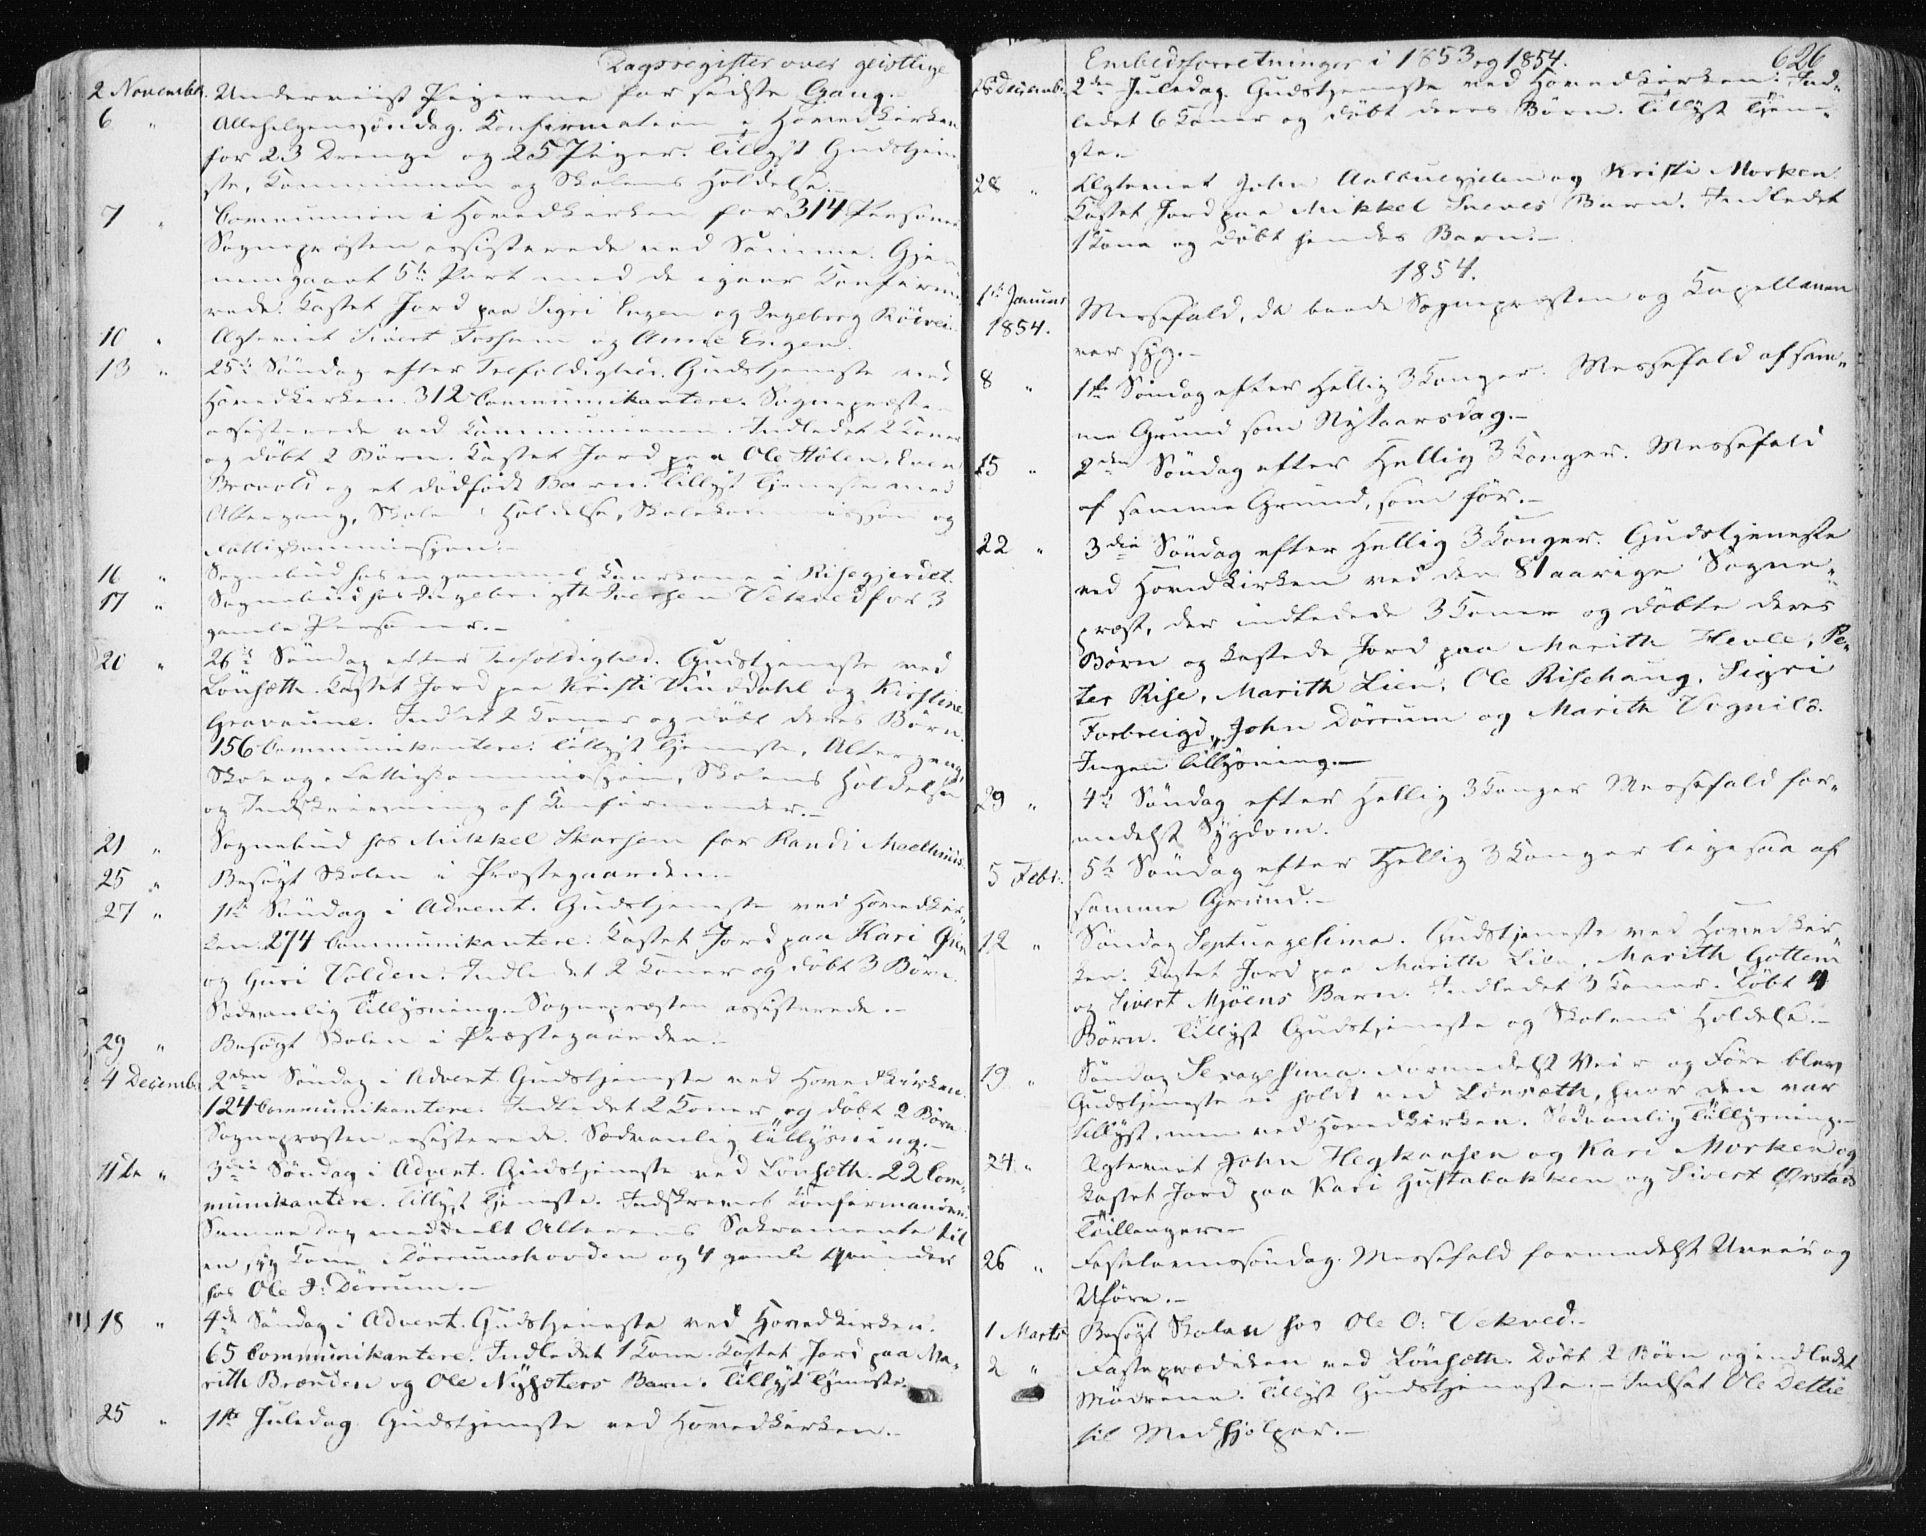 SAT, Ministerialprotokoller, klokkerbøker og fødselsregistre - Sør-Trøndelag, 678/L0899: Ministerialbok nr. 678A08, 1848-1872, s. 626